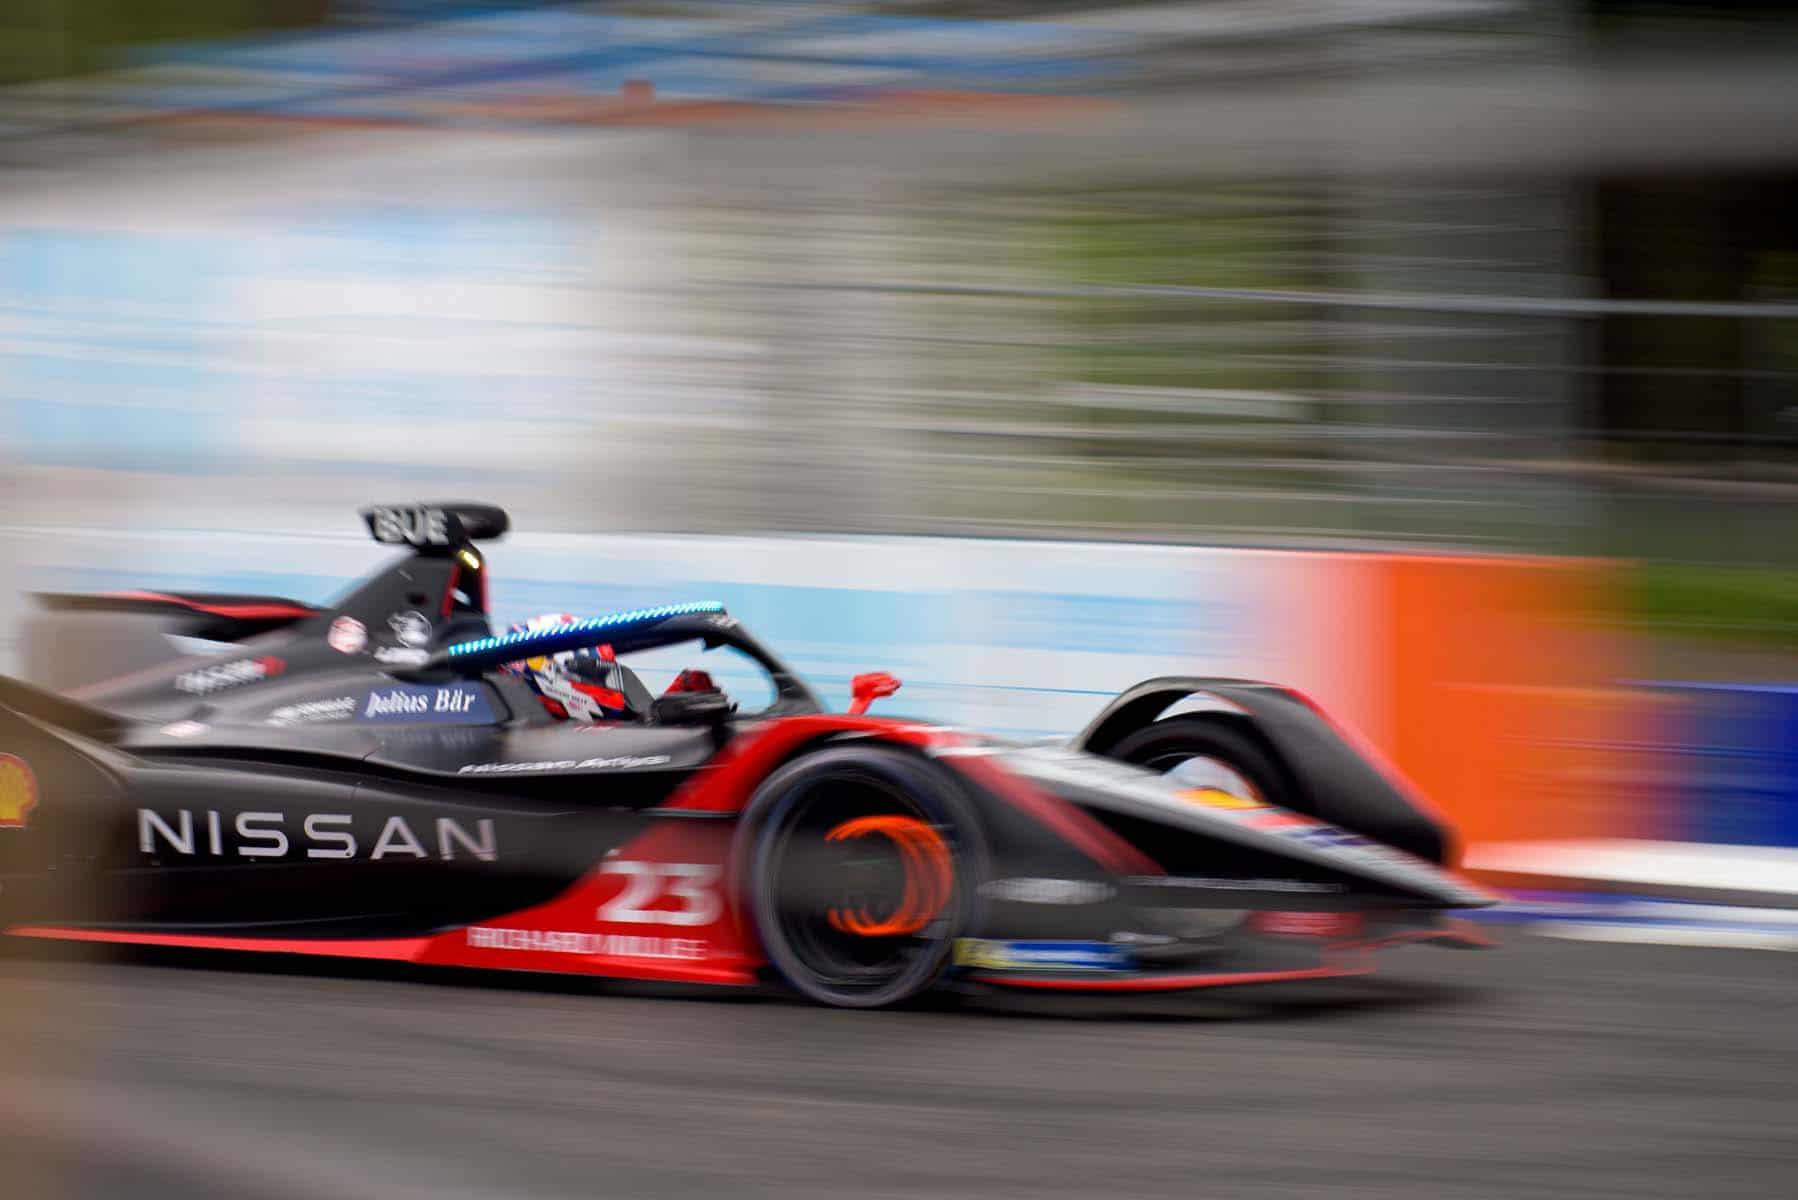 """210714 01 005 Η Nissan """"τρέχει"""" πρόγραμμα βελτίωσης εγκεφάλων. Των οδηγών της Formula E, Nissan, zblog"""